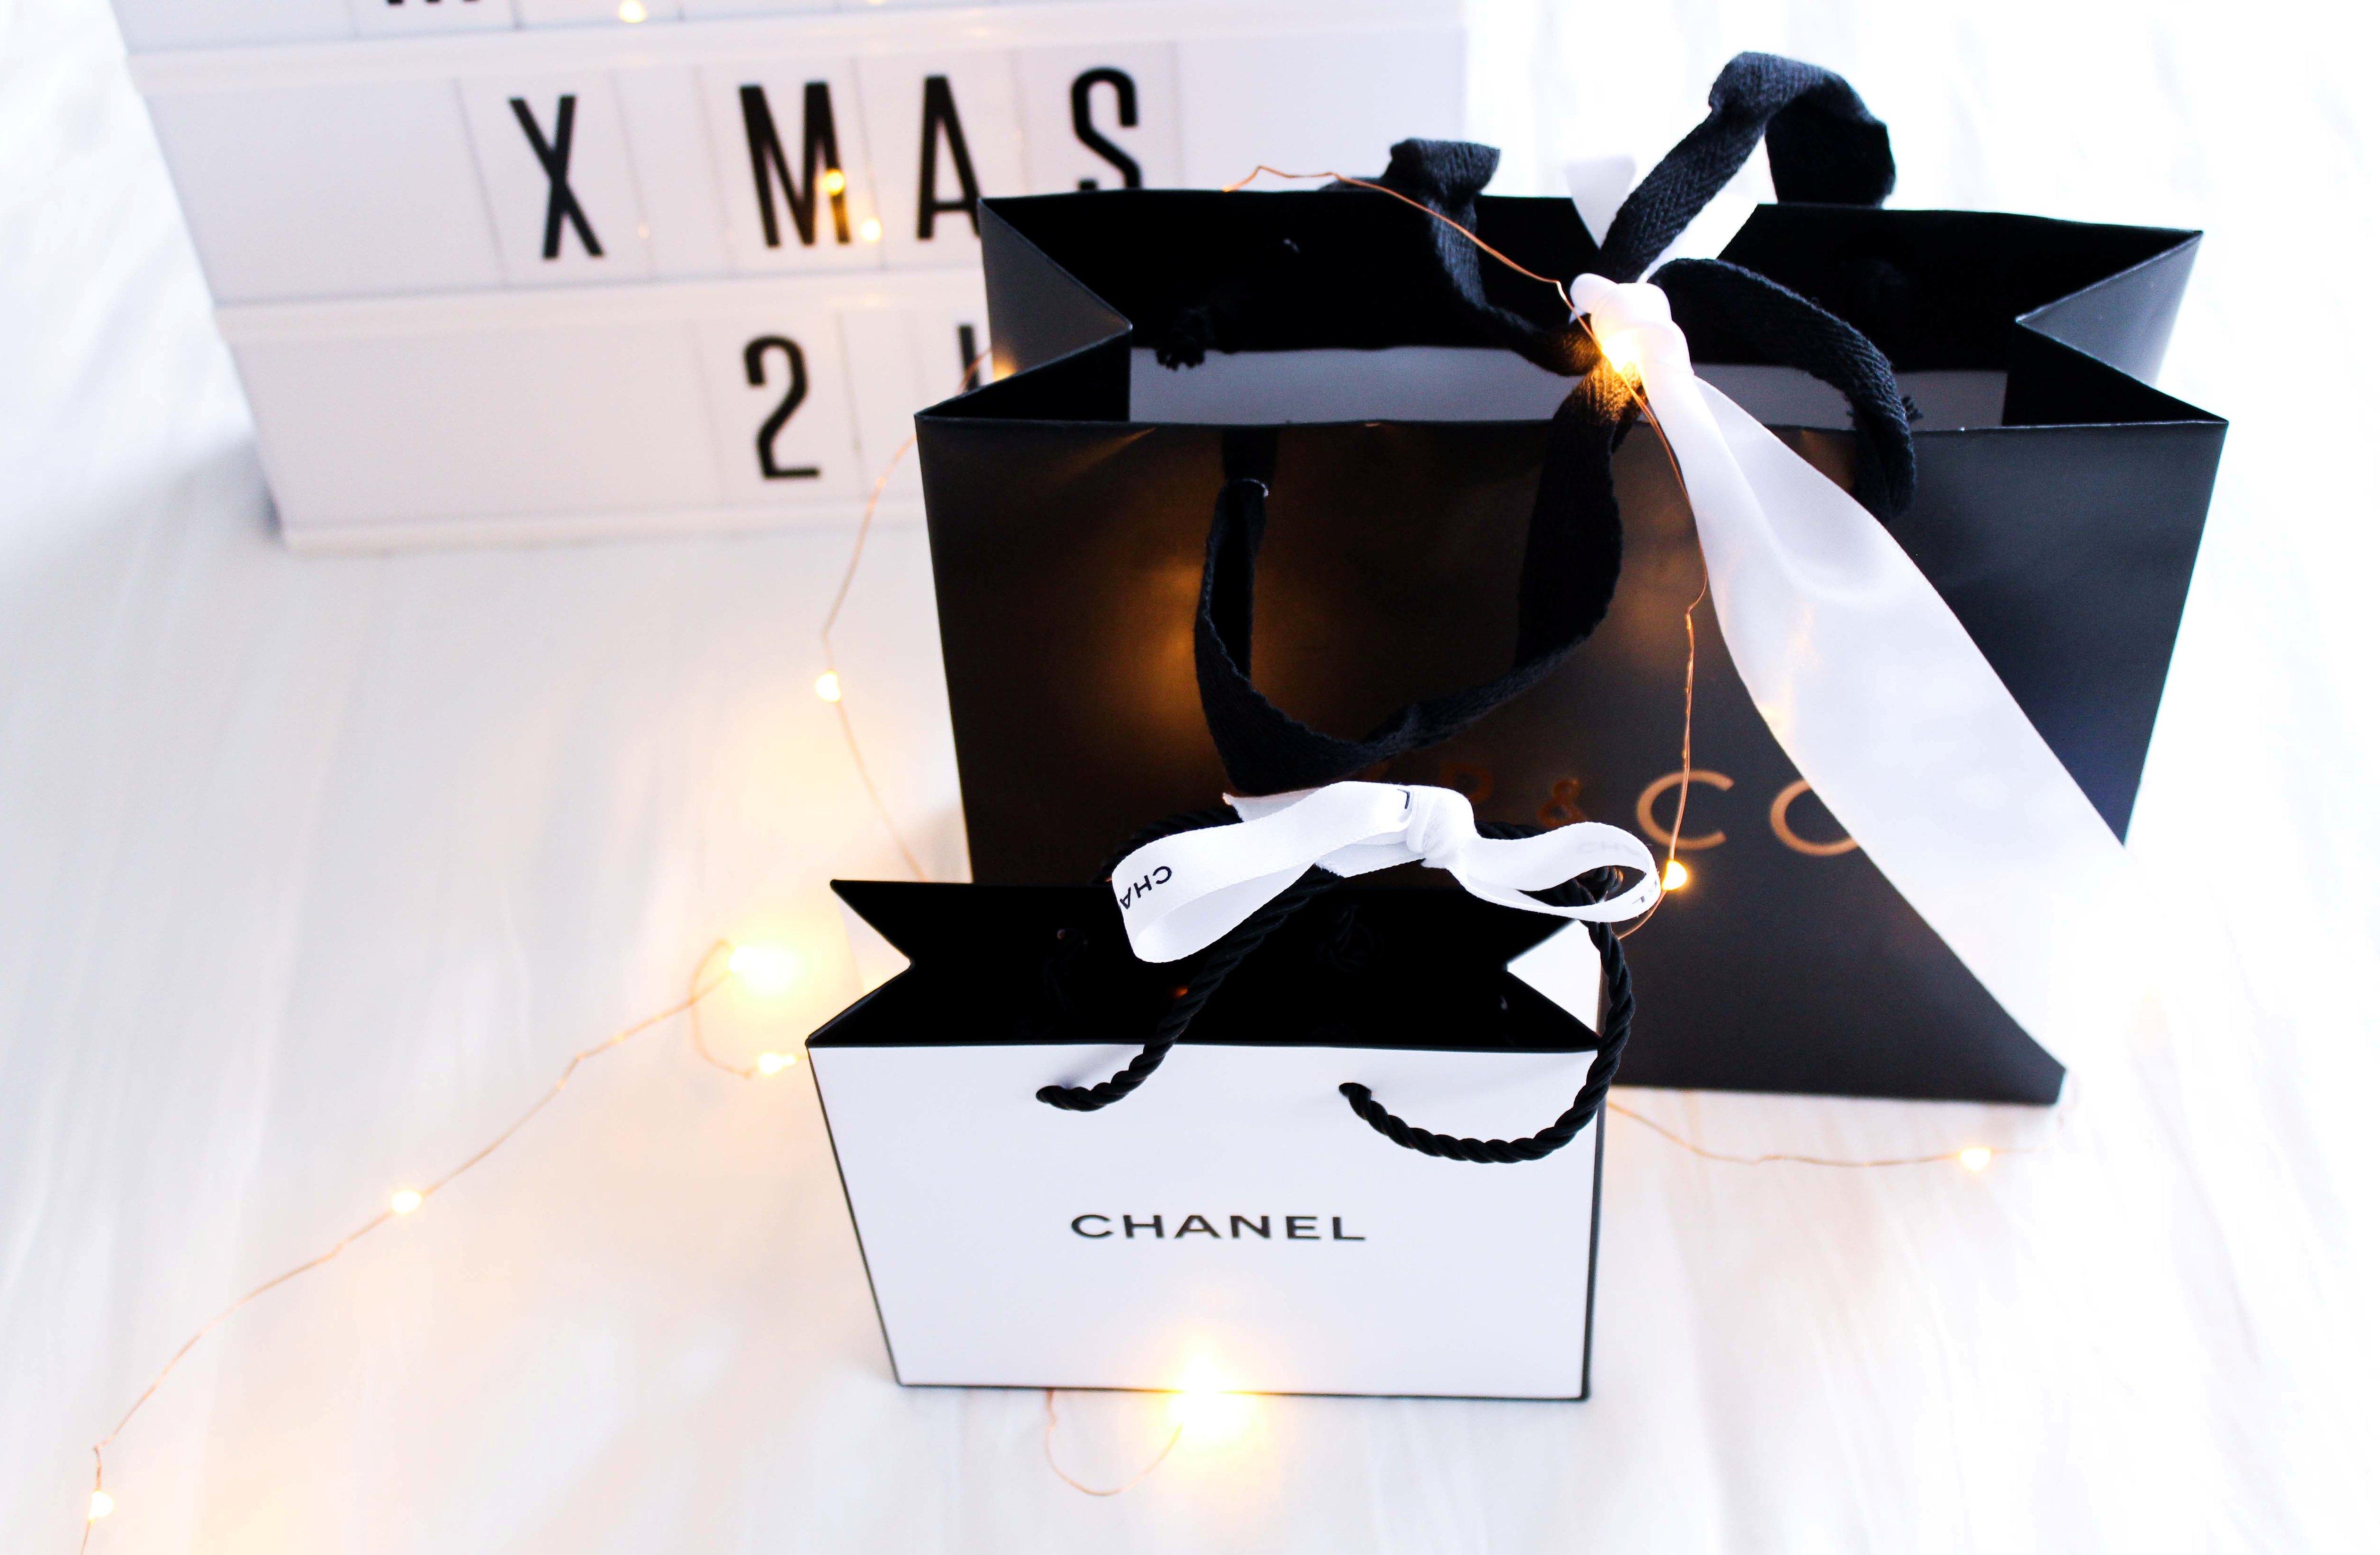 tischleuchte-Kino-Leuchtreklame-Radbag-Marry-X-Mas-Chanel-Tüte-Blog-GeschenkeTipps